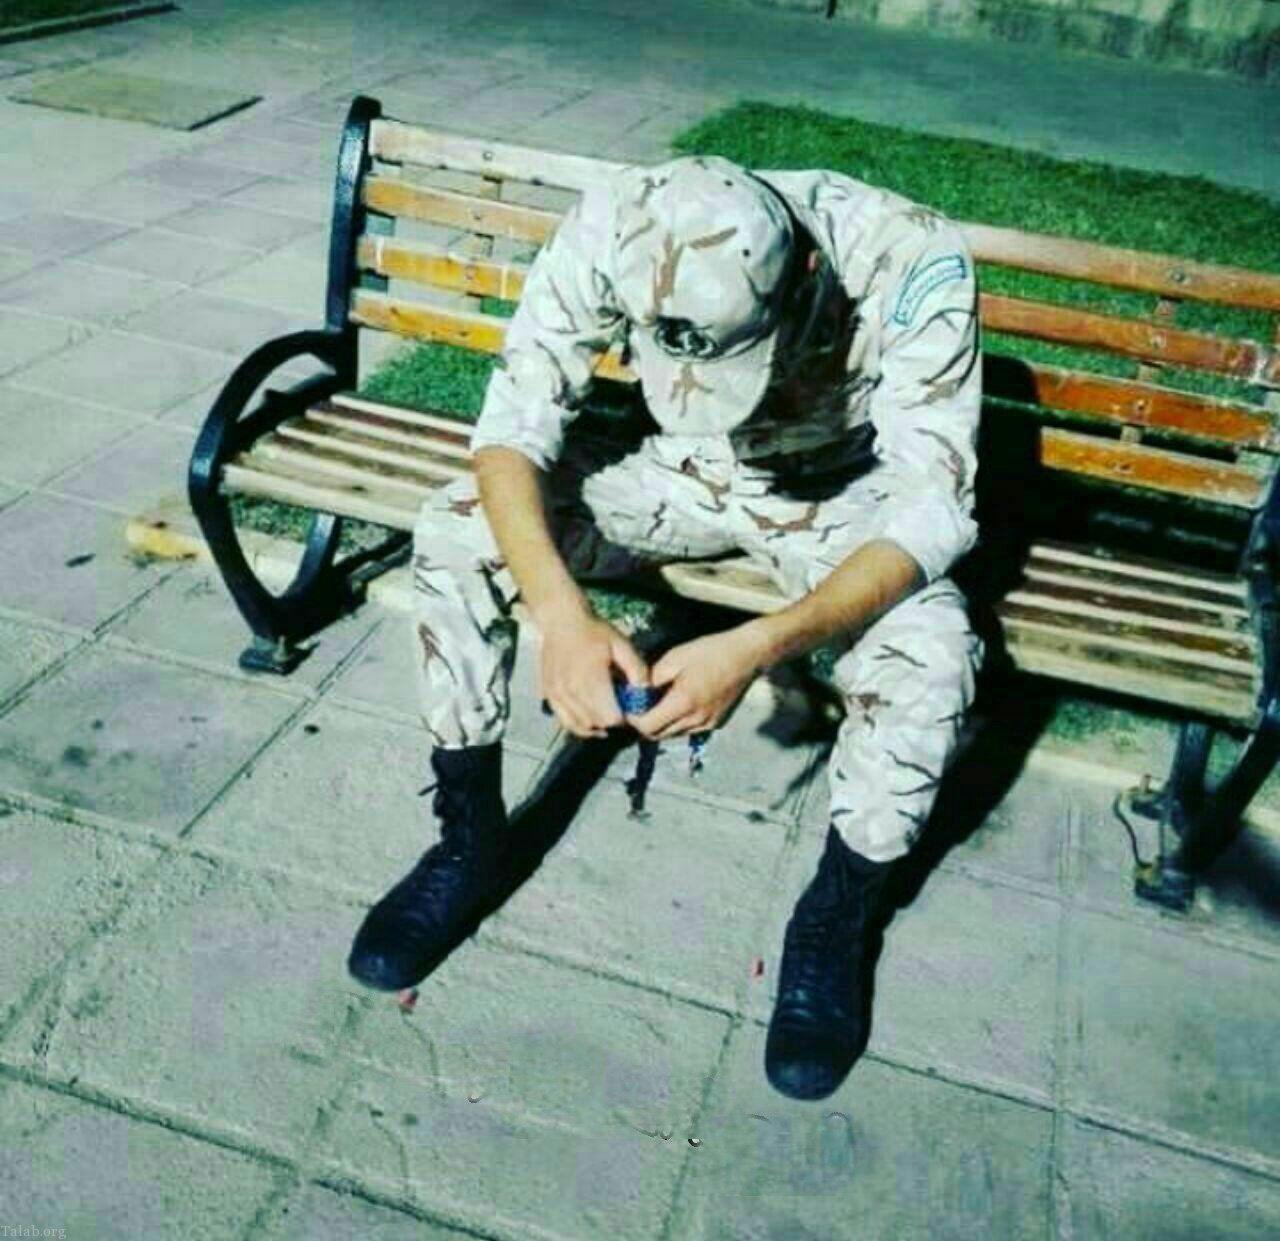 اس ام اس خدمت سربازی جدید | دلتنگی های سربازی + عکس پروفایل سربازی